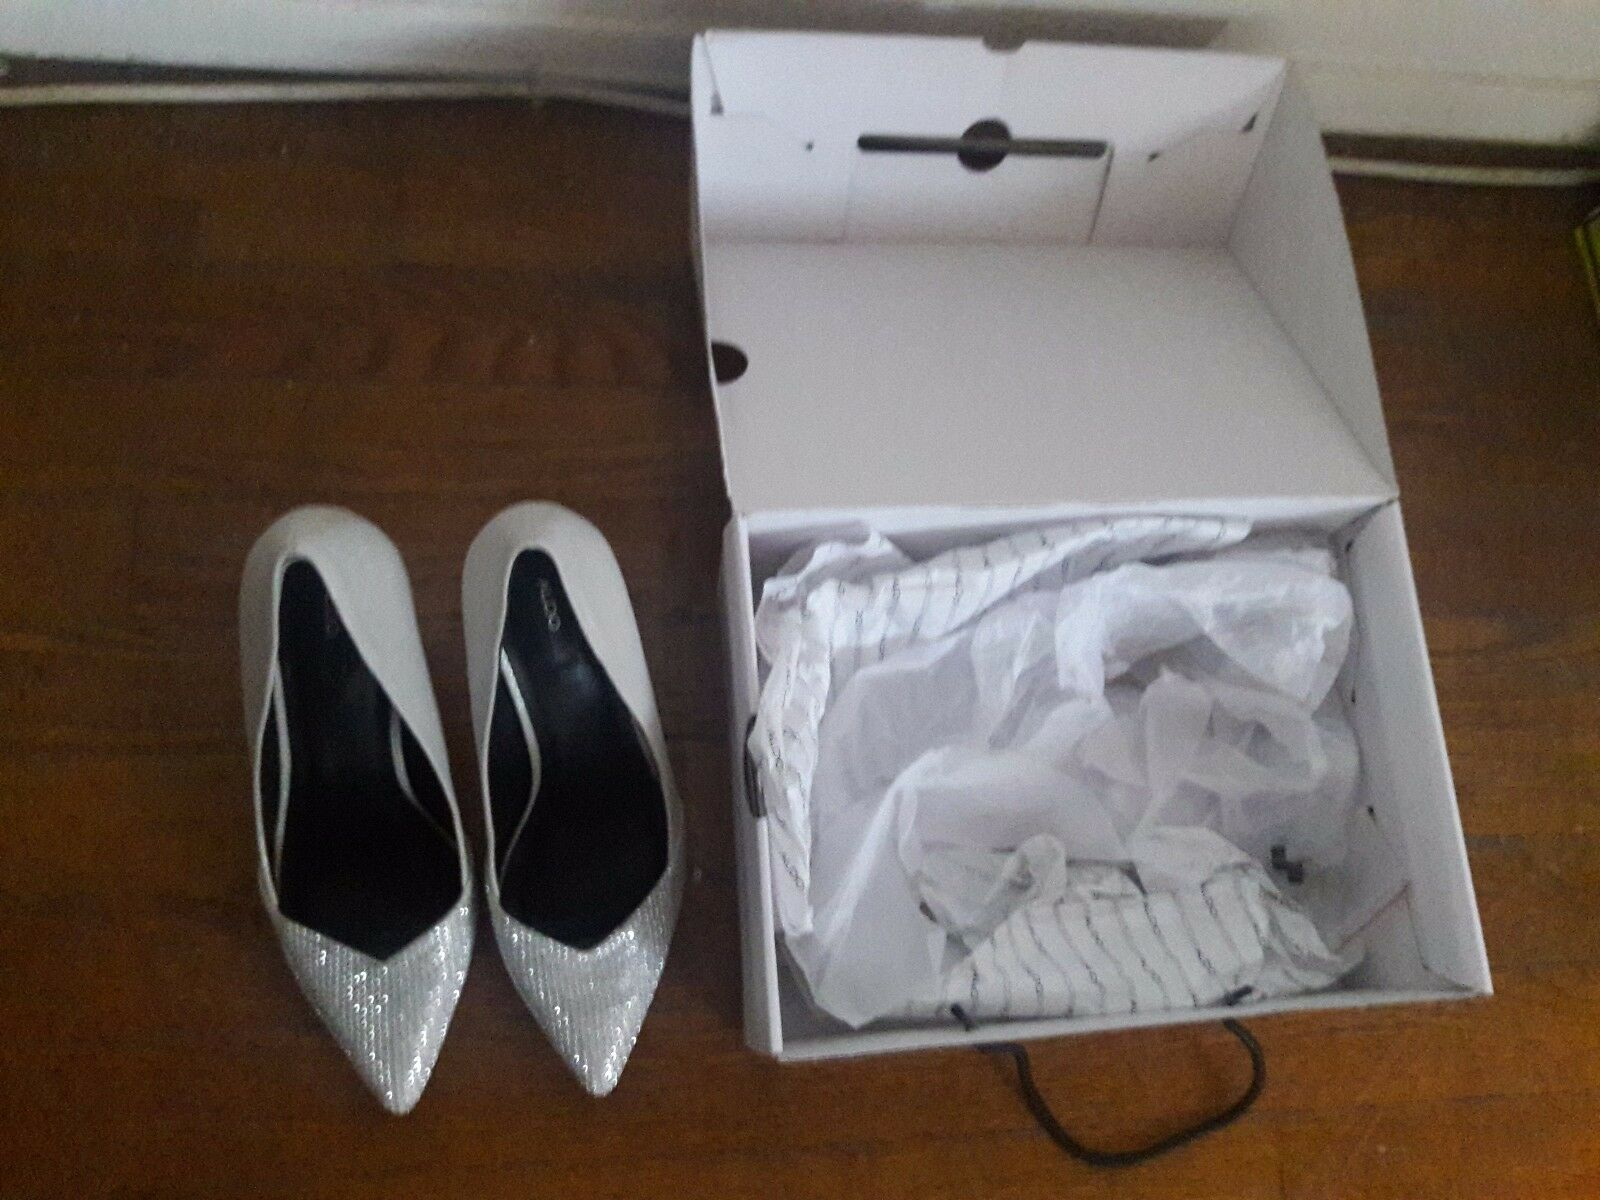 i nuovi stili più caldi Aldo Donna  Teige-81 scarpe Dimensione US 6.5 Brand New New New With Box, Free Shipping   n ° 1 online